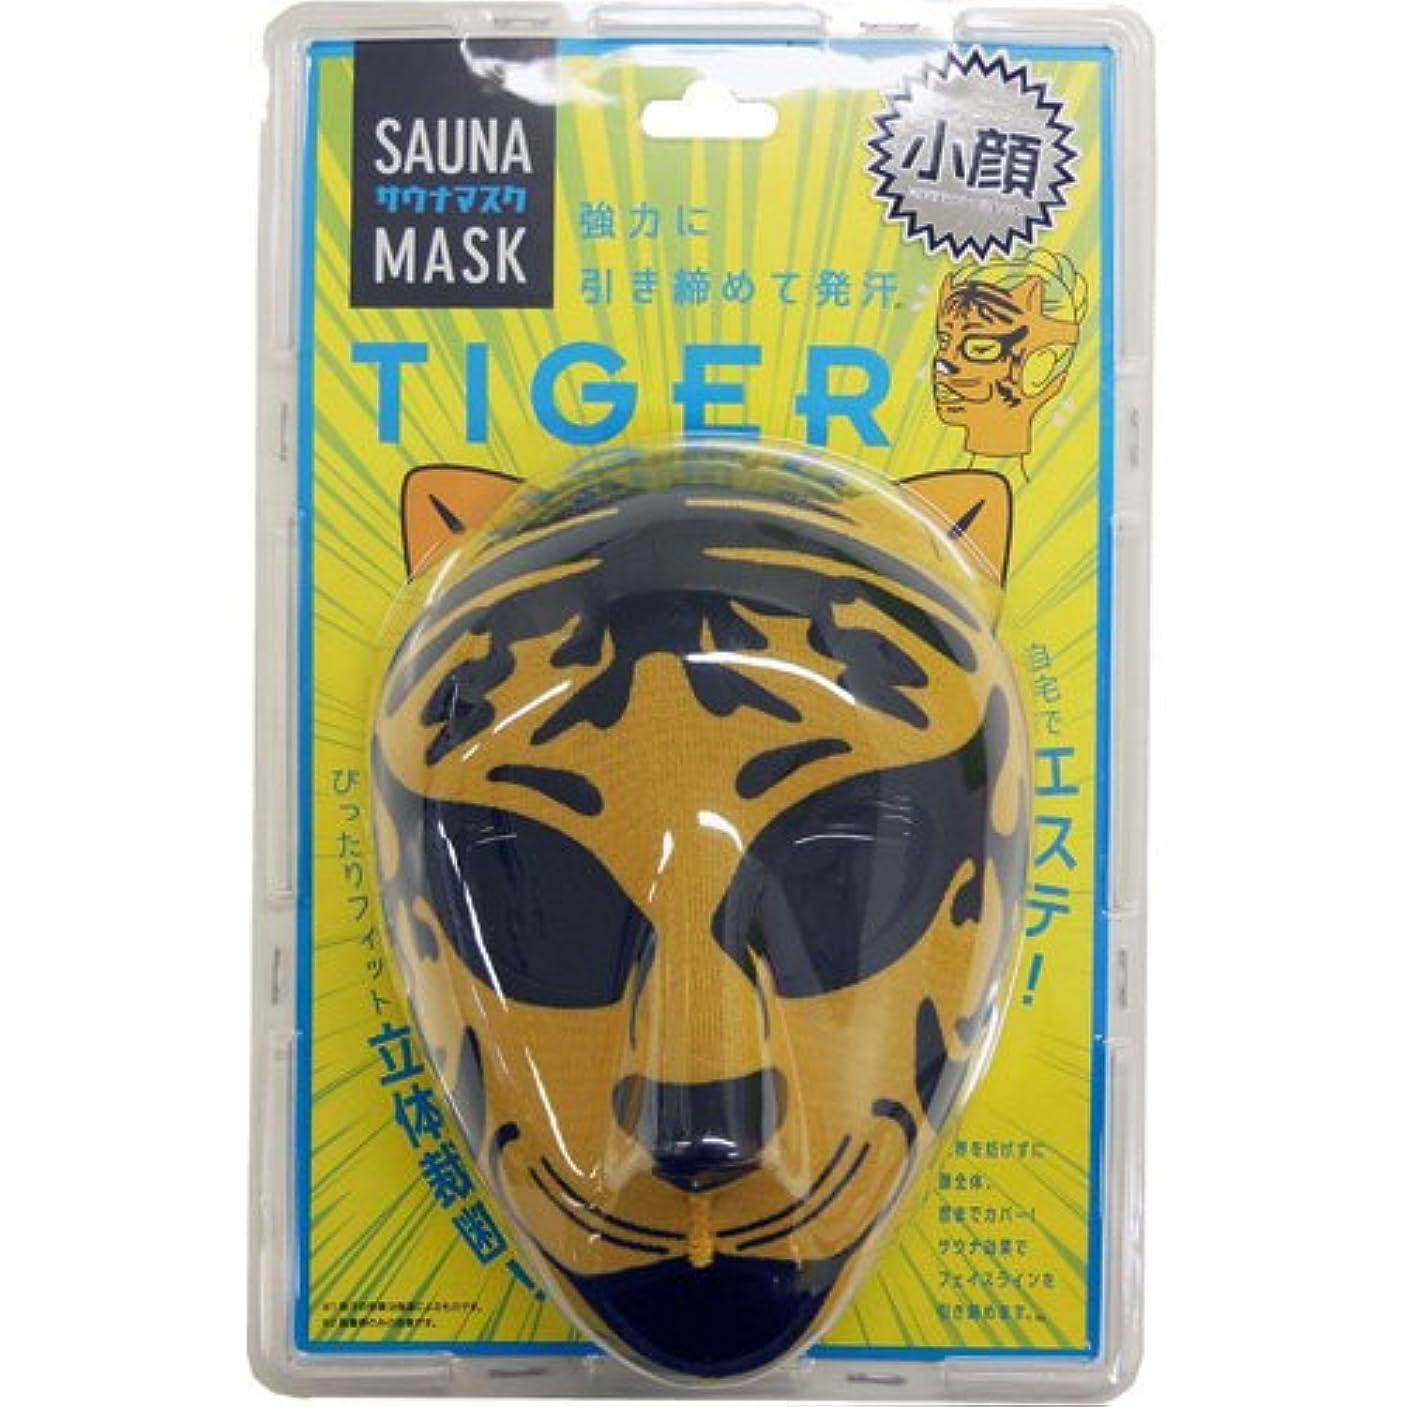 効率くしゃみ船形コジット サウナマスク TIGER (1個)